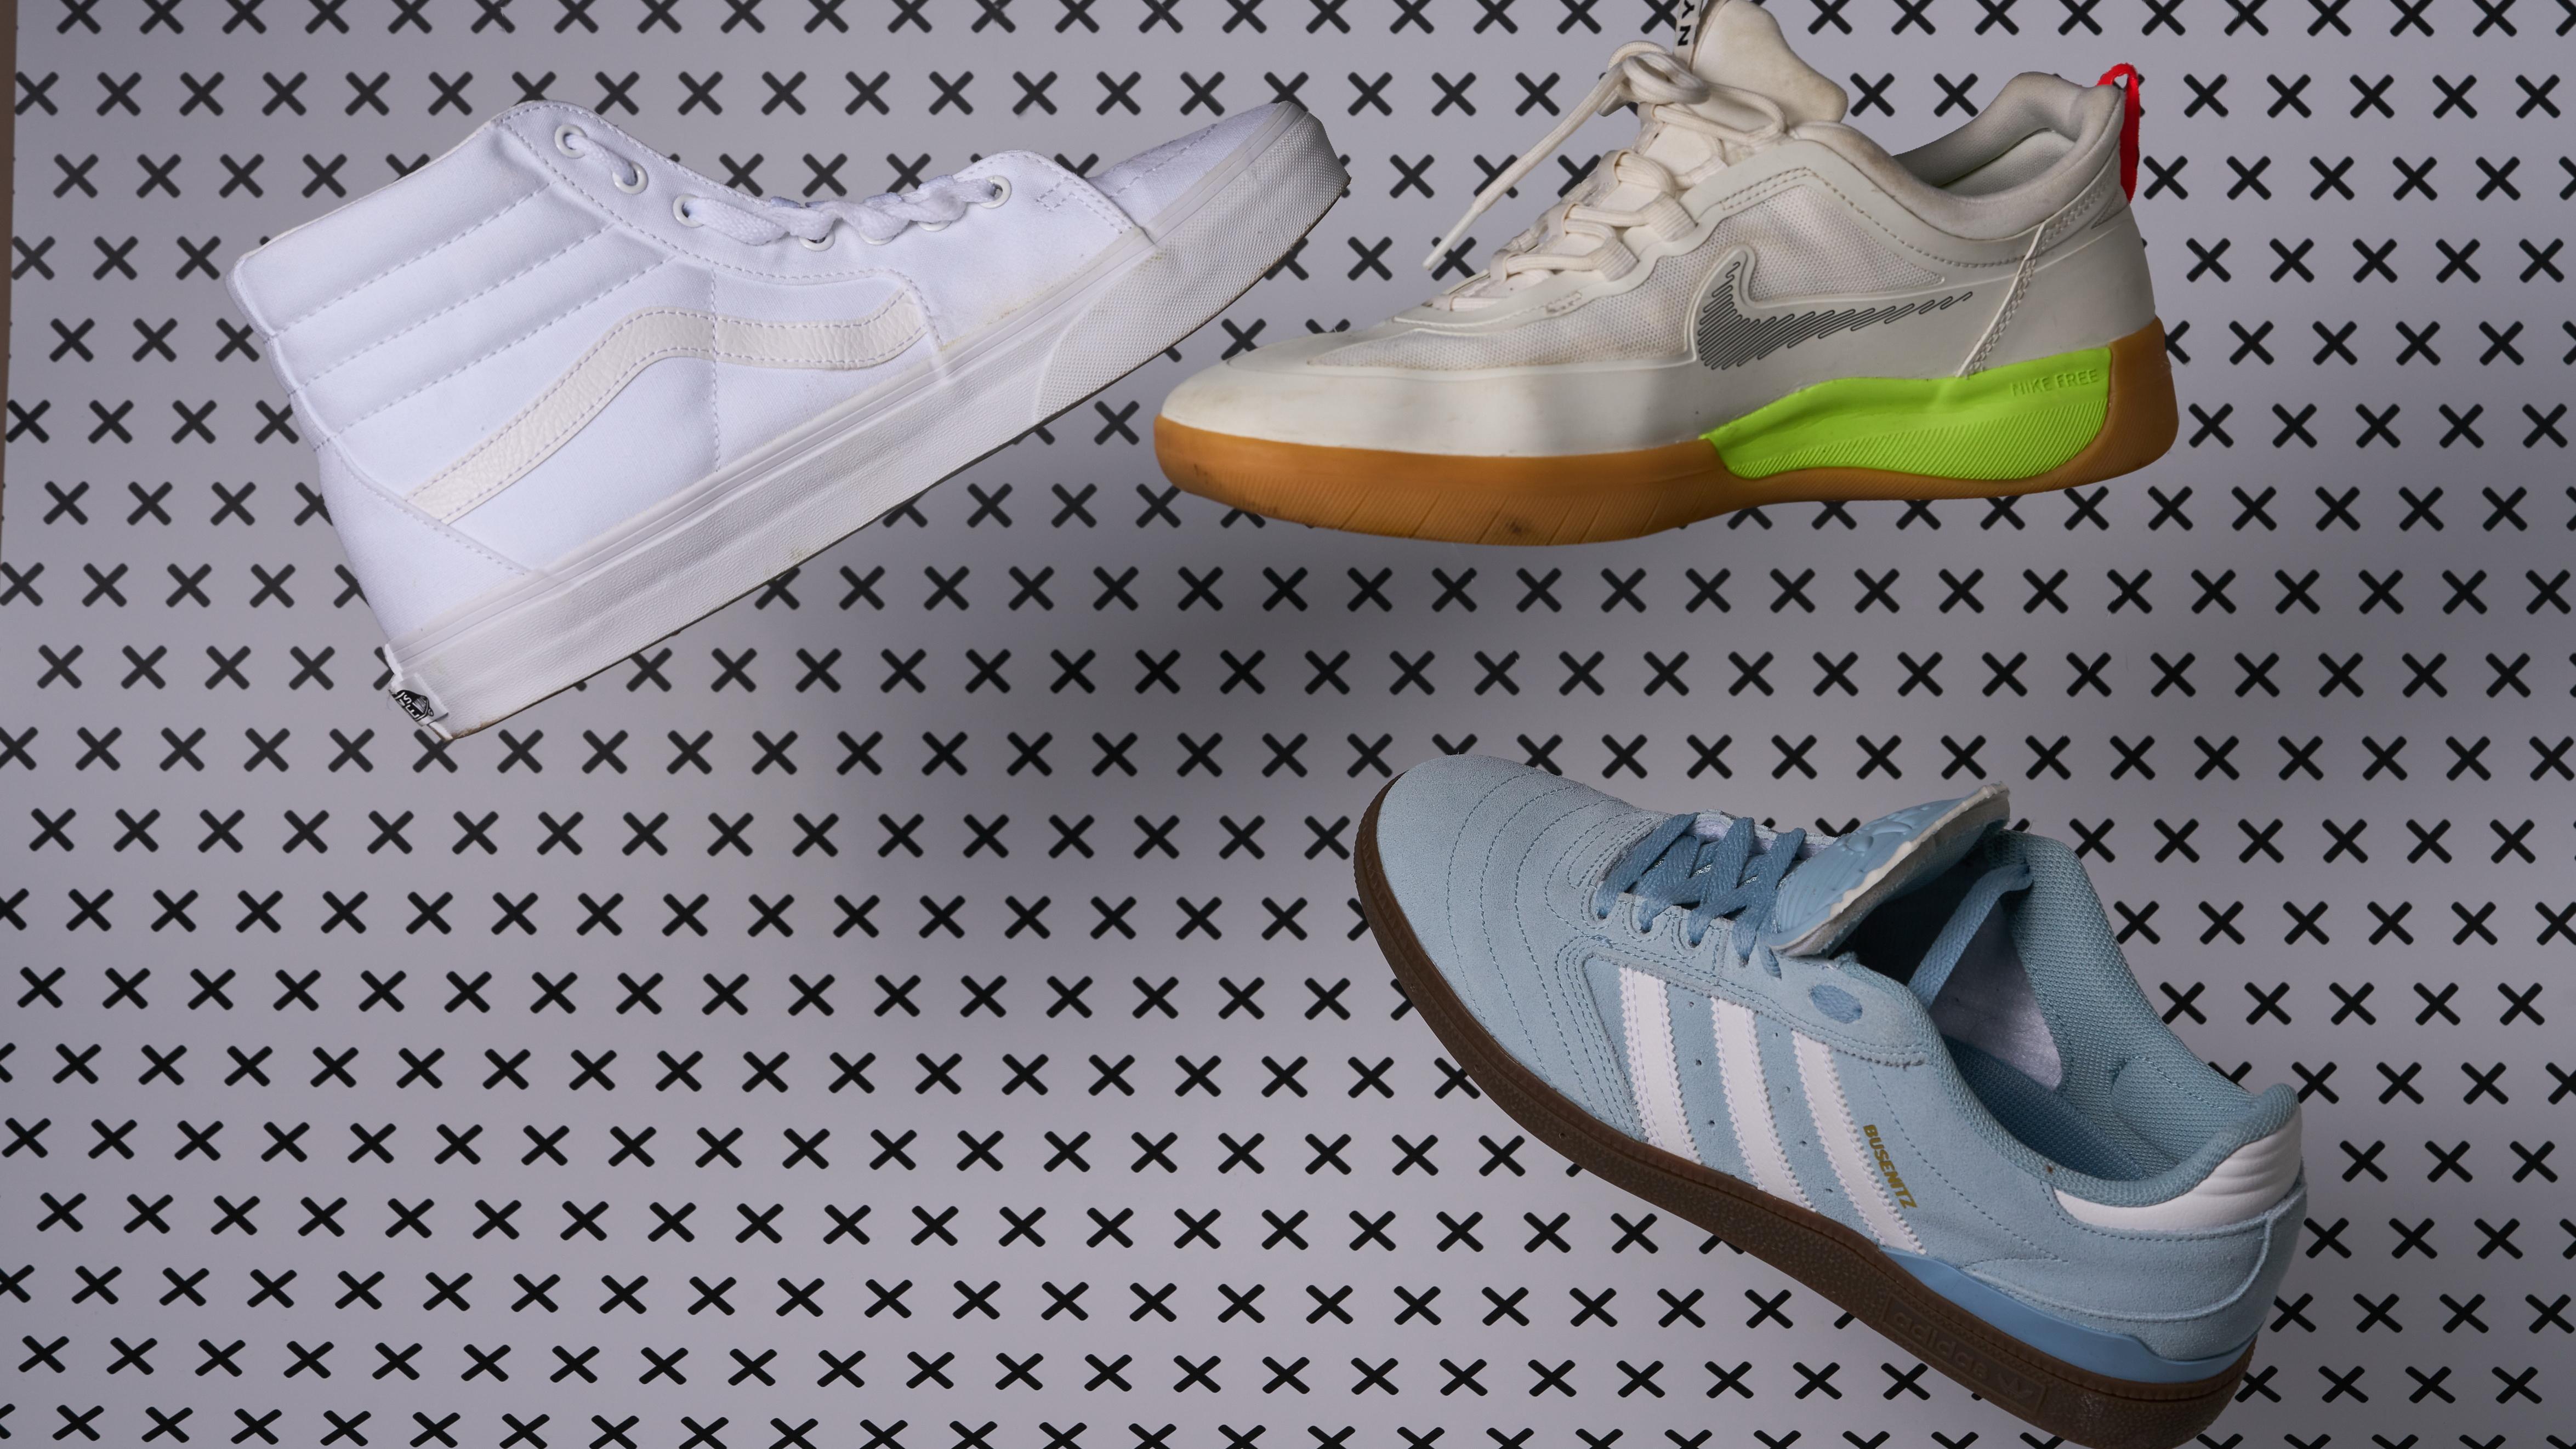 10 Best Skate Sneakers in 2021